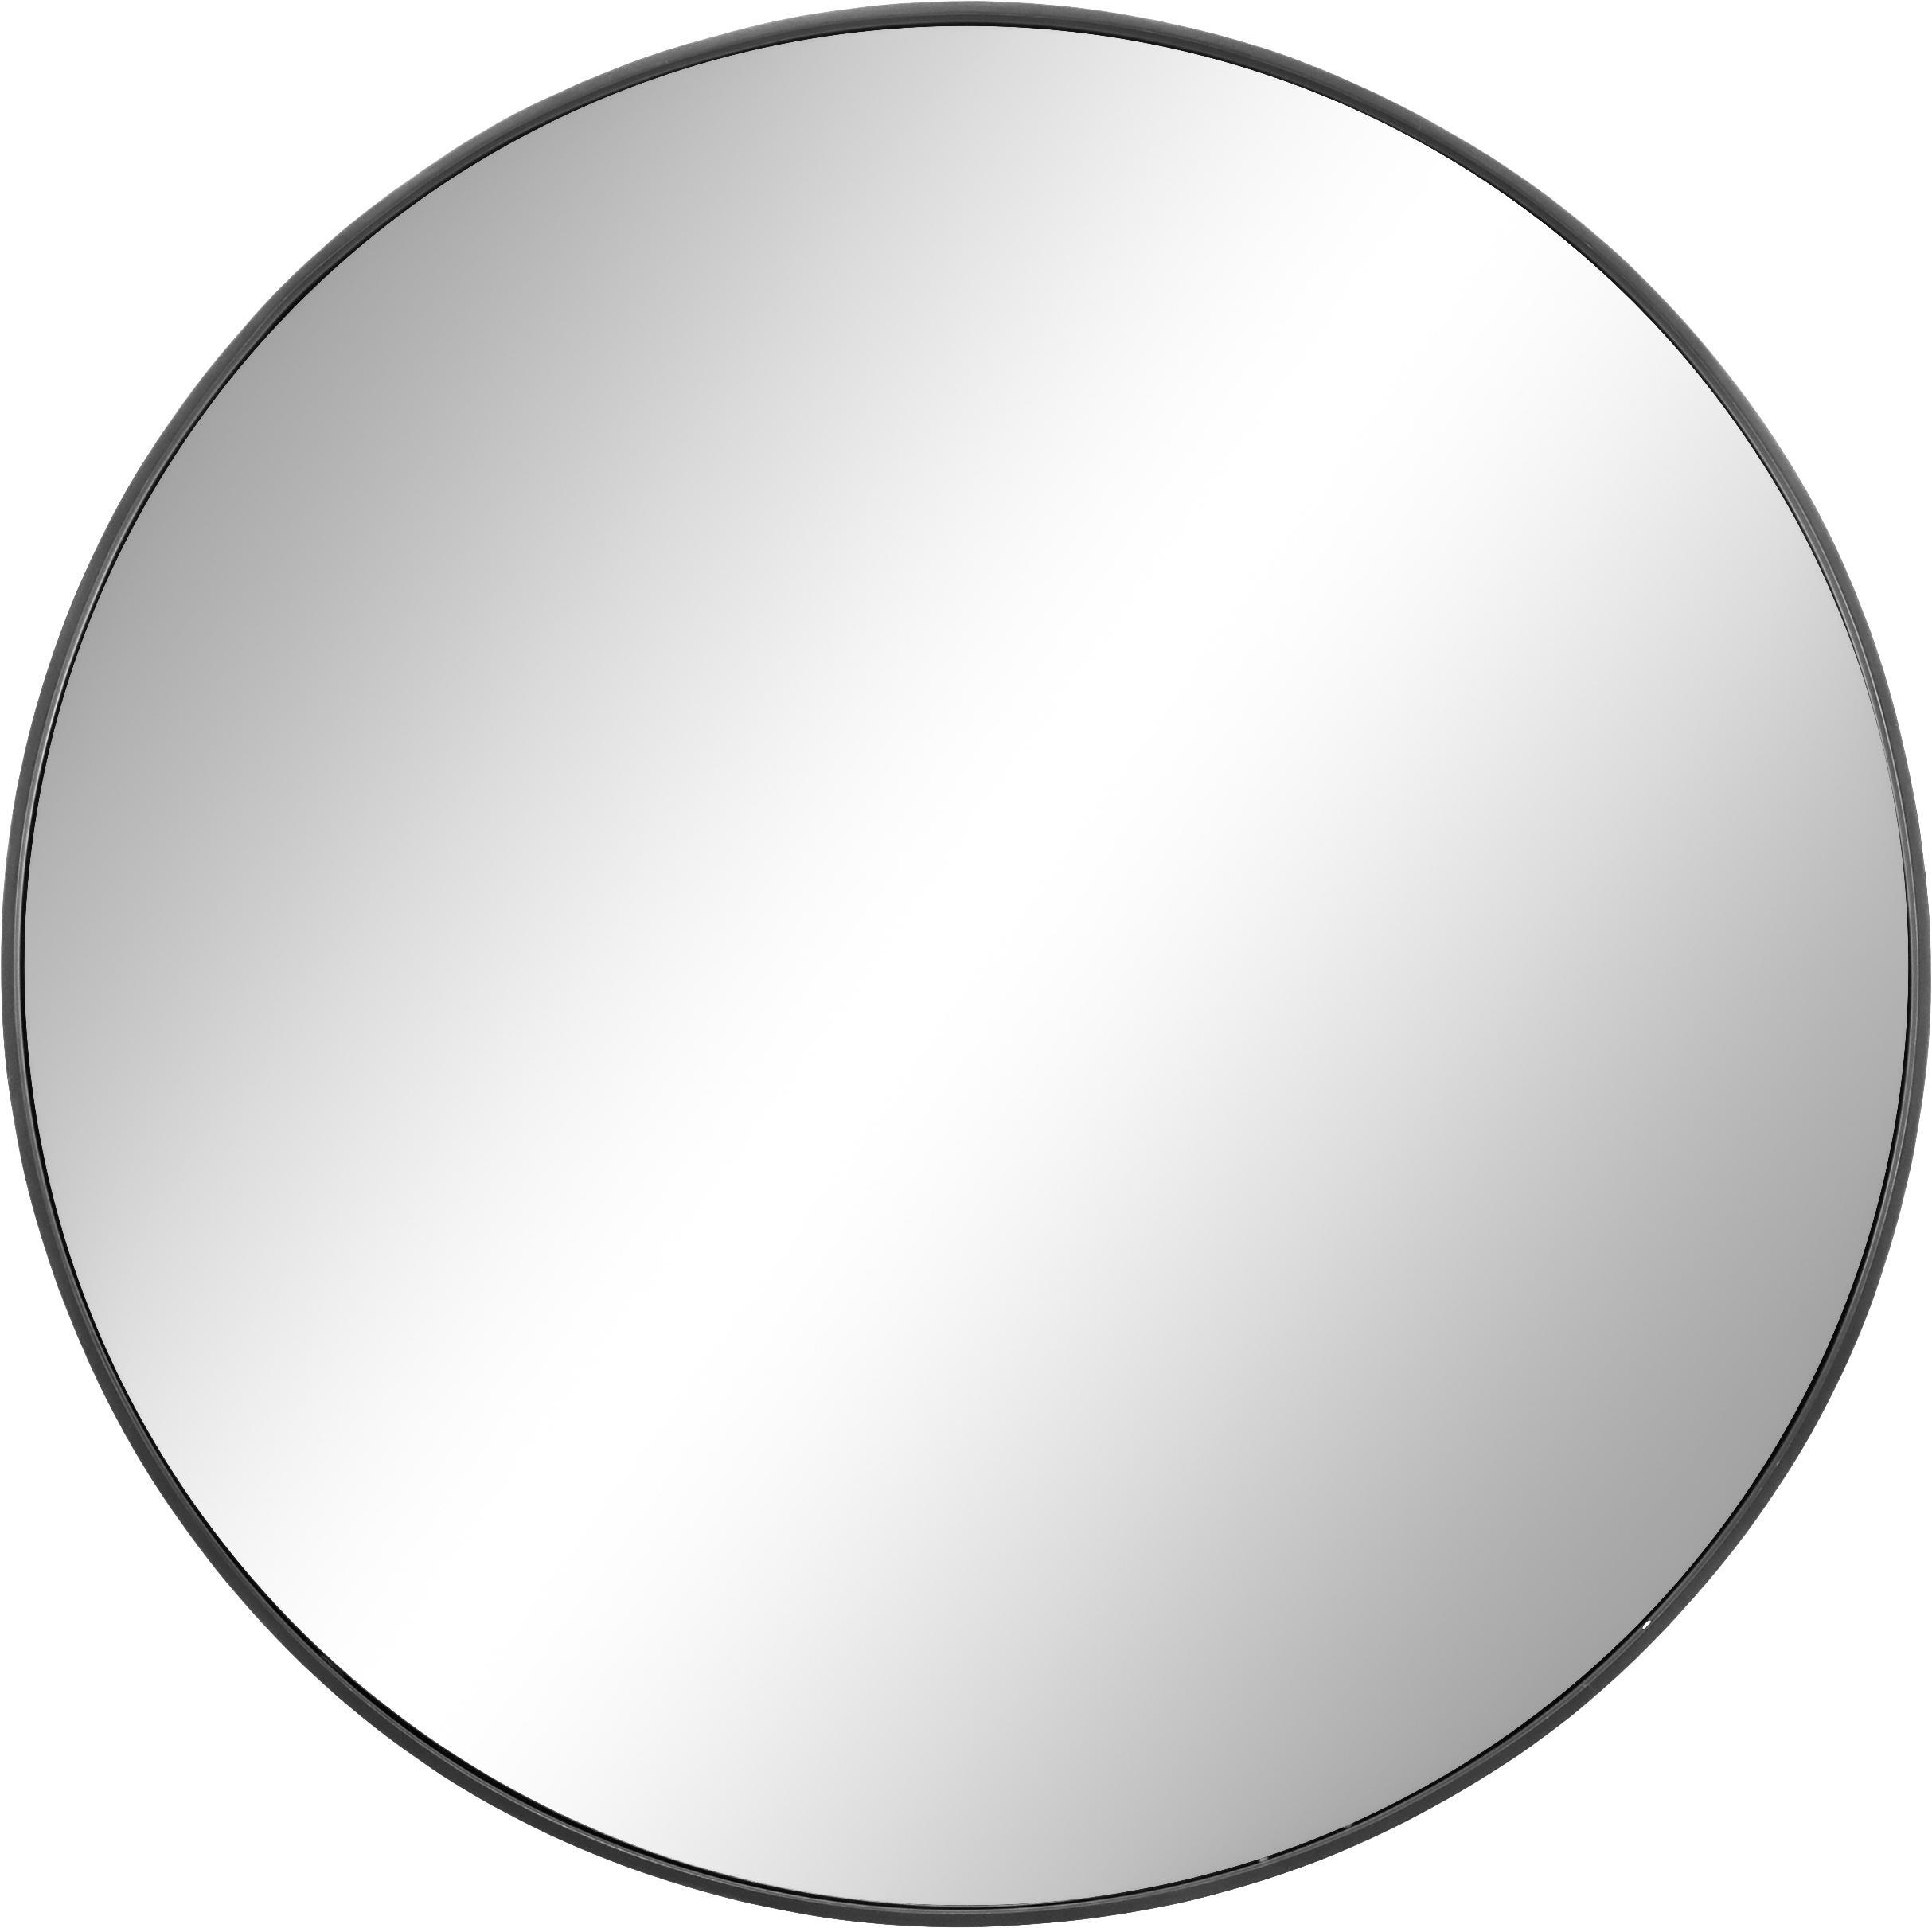 Okrągłe lustro ścienne Ada, Ciemny szary, Ø 60 cm